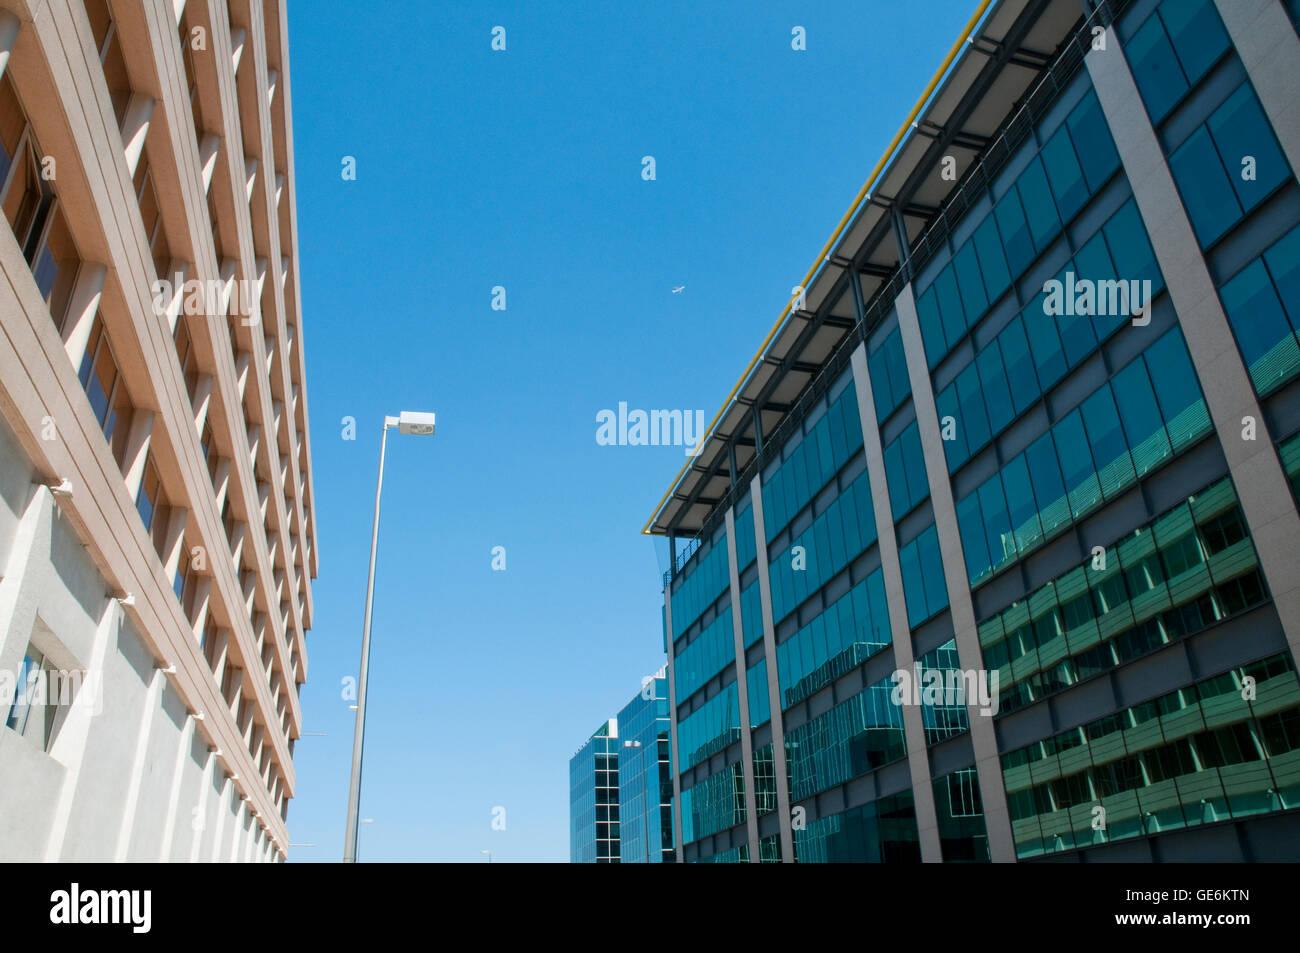 Office buildings. Campo de las Naciones, Madrid, Spain. - Stock Image